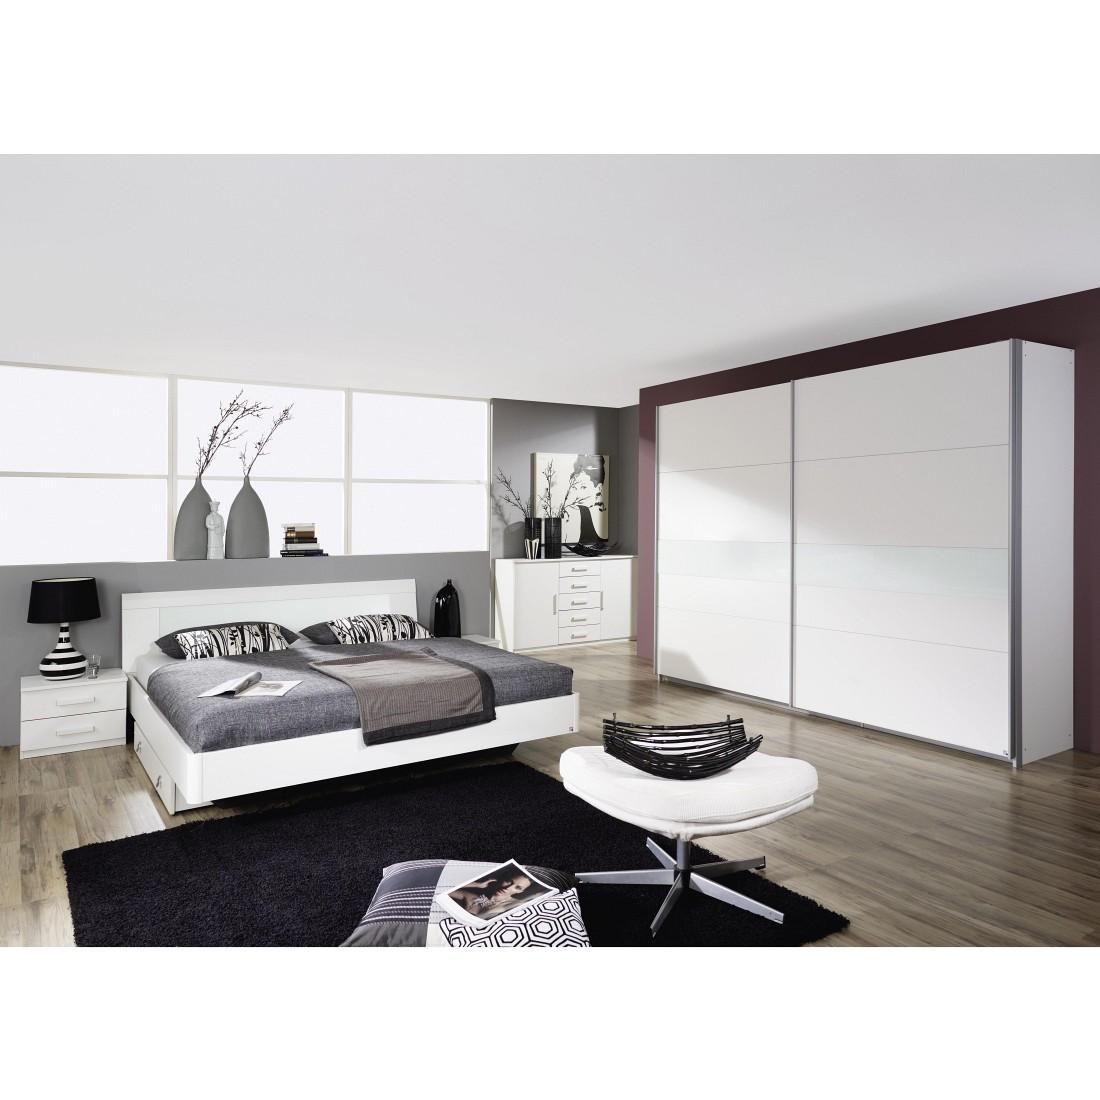 Schlafzimmerset Narbonne (4-teilig) – Alpinweiß/Glas Weiß – Liegefläche 160 x 200cm, Rauch Pack´s jetzt bestellen